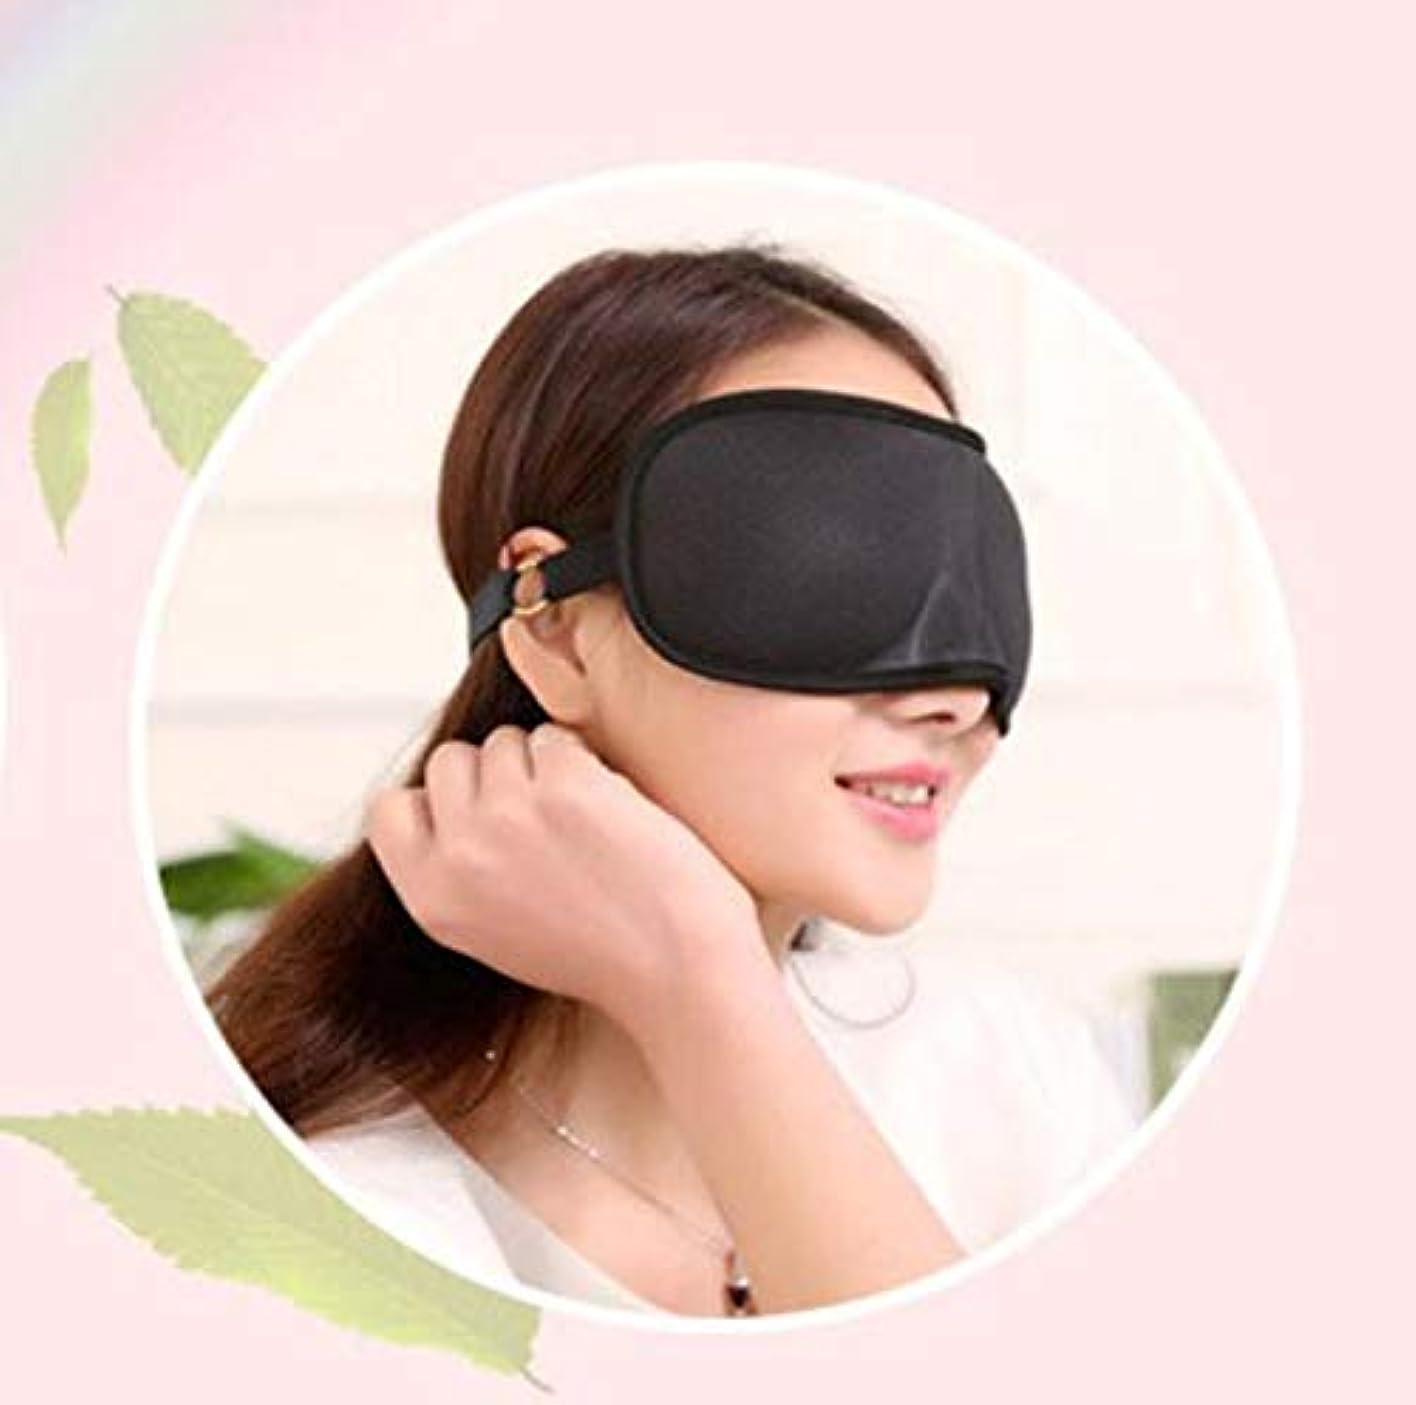 ディレクトリ栄養太平洋諸島NOTE HANRIVER 3D超ソフト通気性ファブリックアイシェード睡眠マスクポータブル旅行睡眠休息補助マスクカバーアイパッチ睡眠マスク